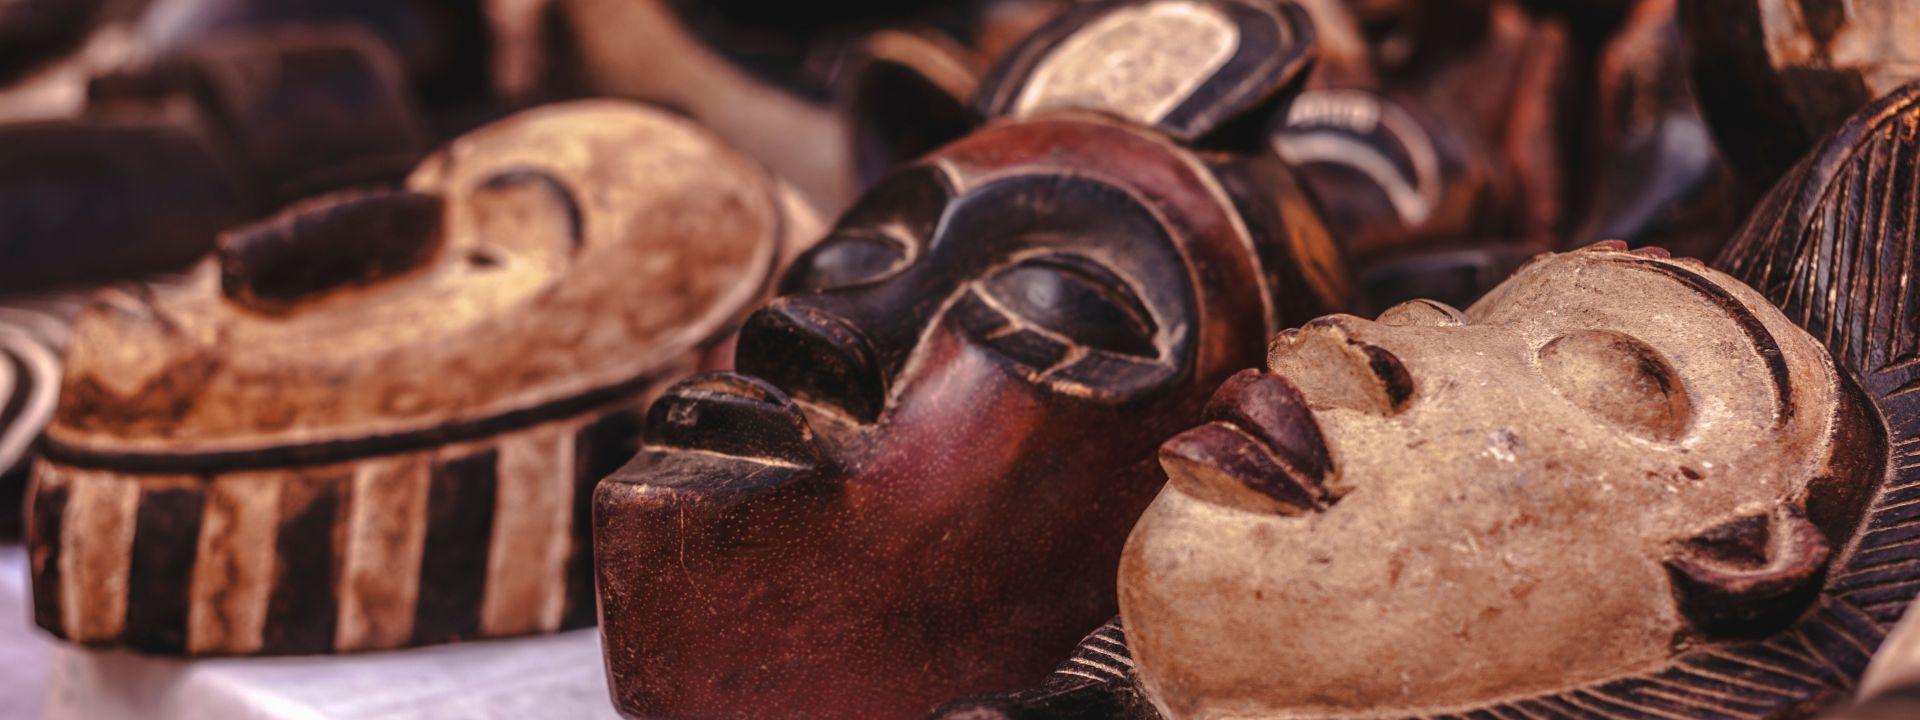 Φωτογραφία με μάσκες - Εργαστήριο δημιουργίας μάσκας